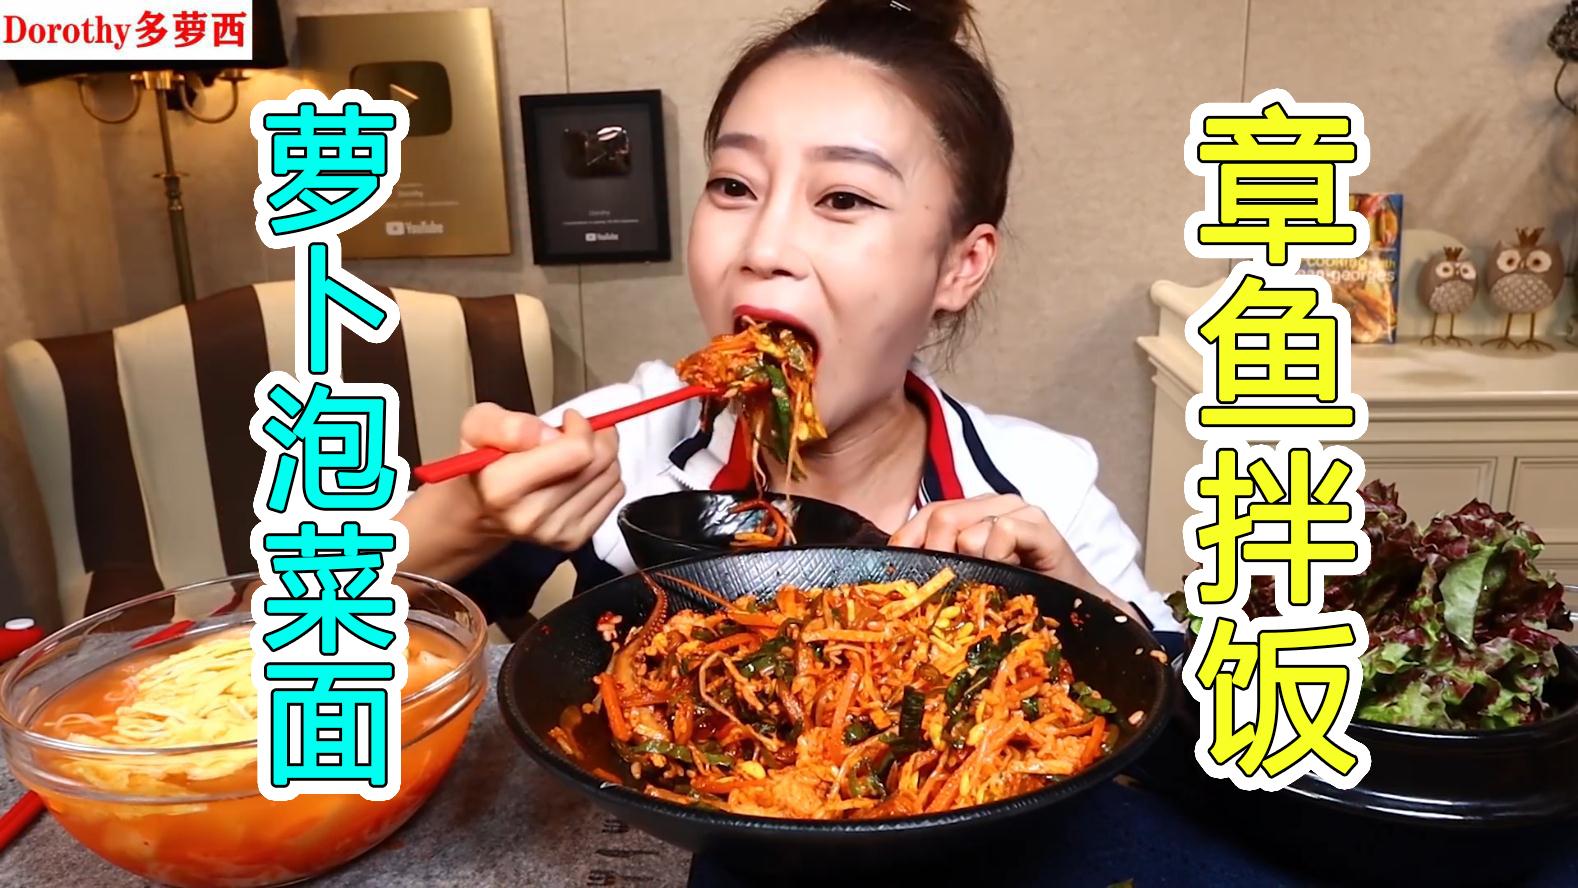 超市买的章鱼,制作成章鱼拌饭,配上水萝卜泡菜面,吃得好过瘾!